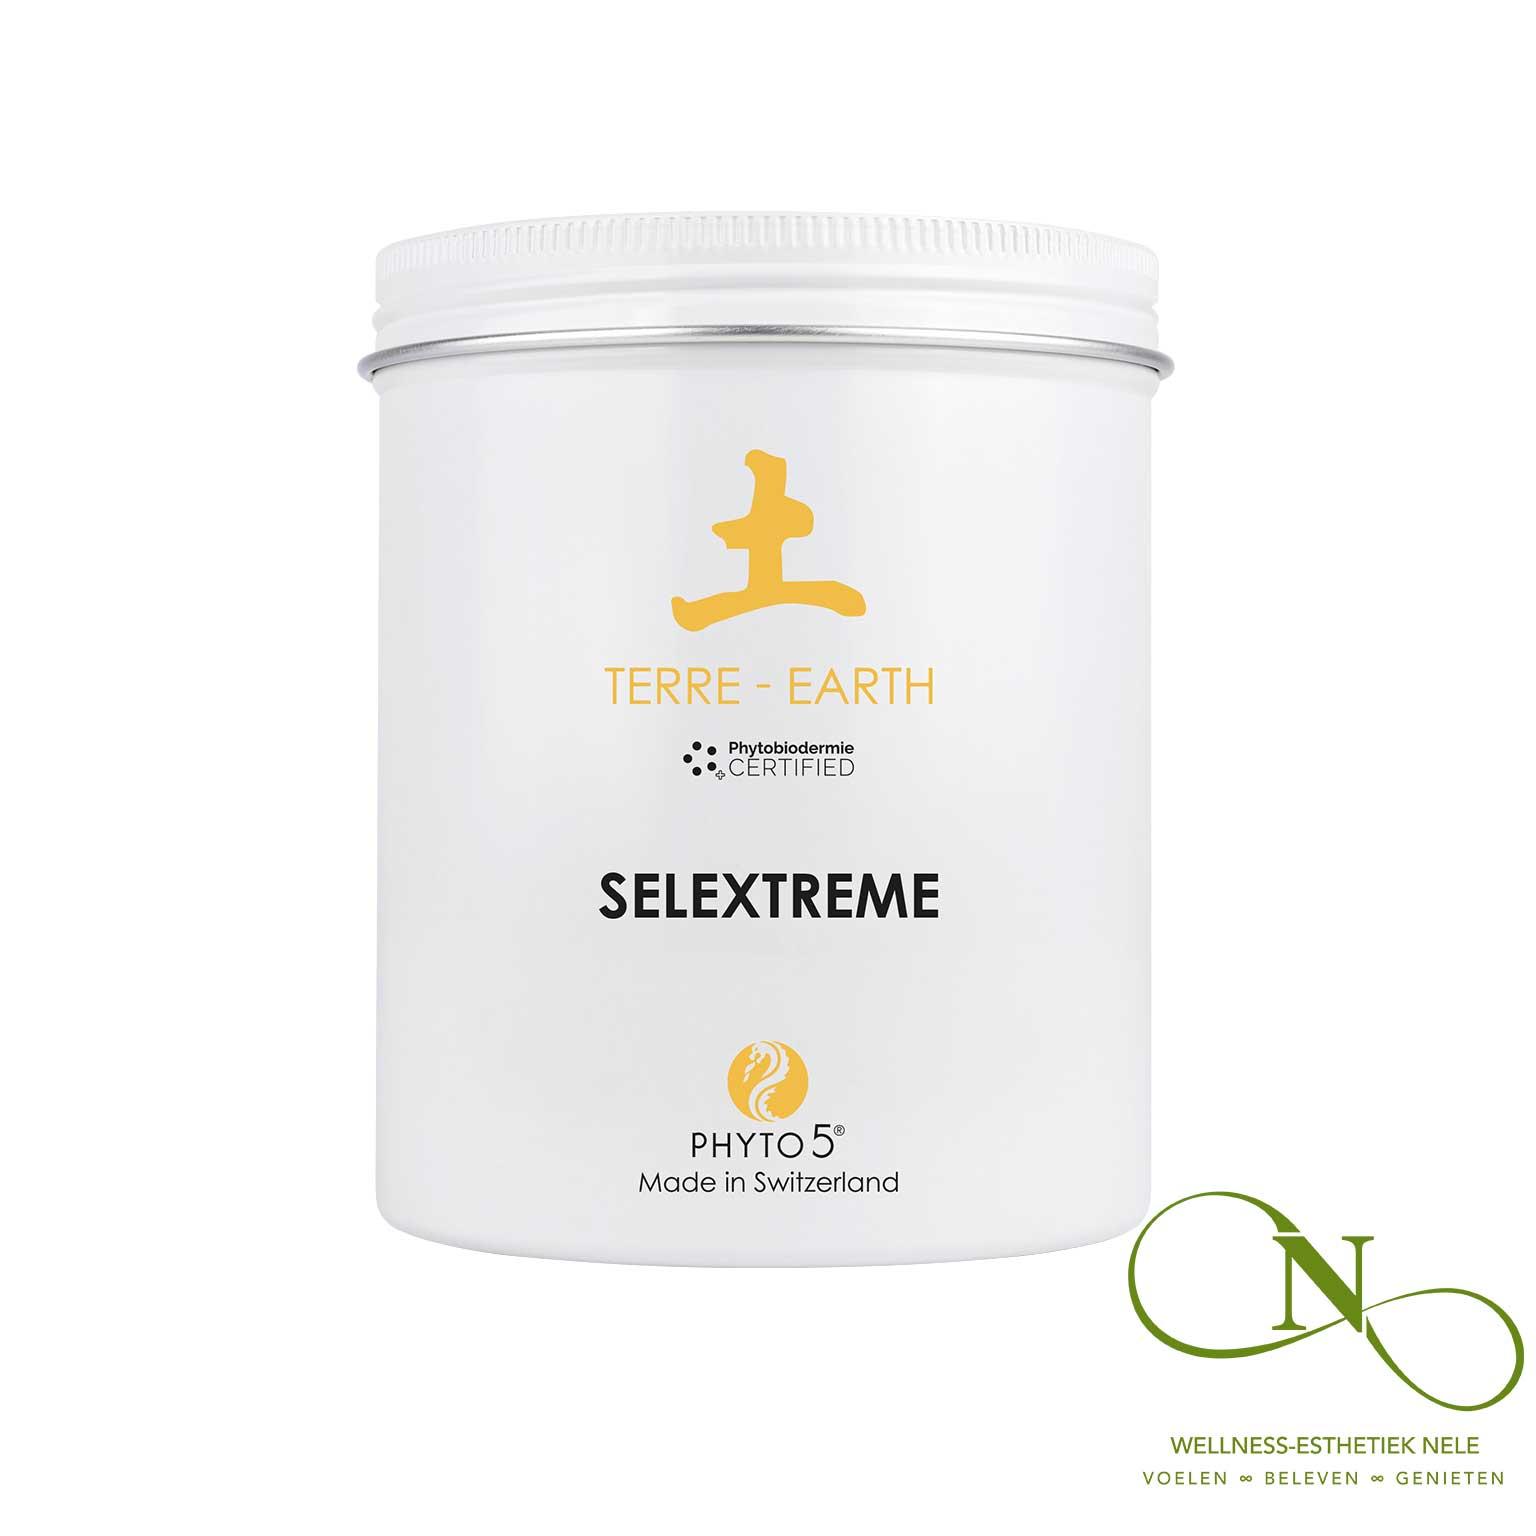 PHYTO-5-Selextreme-Aarde-Terre-Badzout-met-bergzout-voor-bad-en-douche-Wellness-Esthetiek-Nele